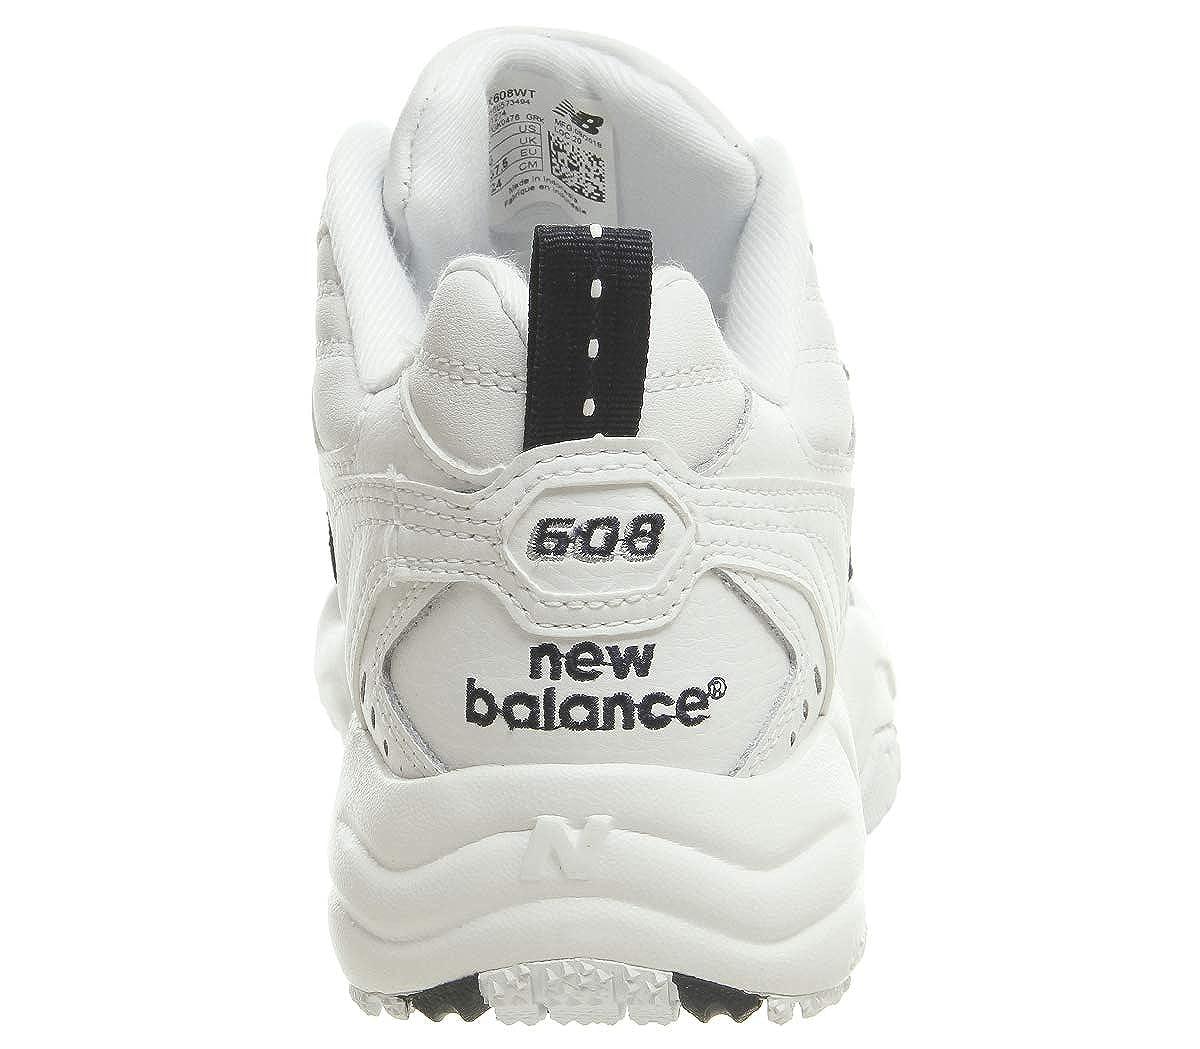 New Balance 608 608 608 Damen Turnschuhe Weiß 31e33e